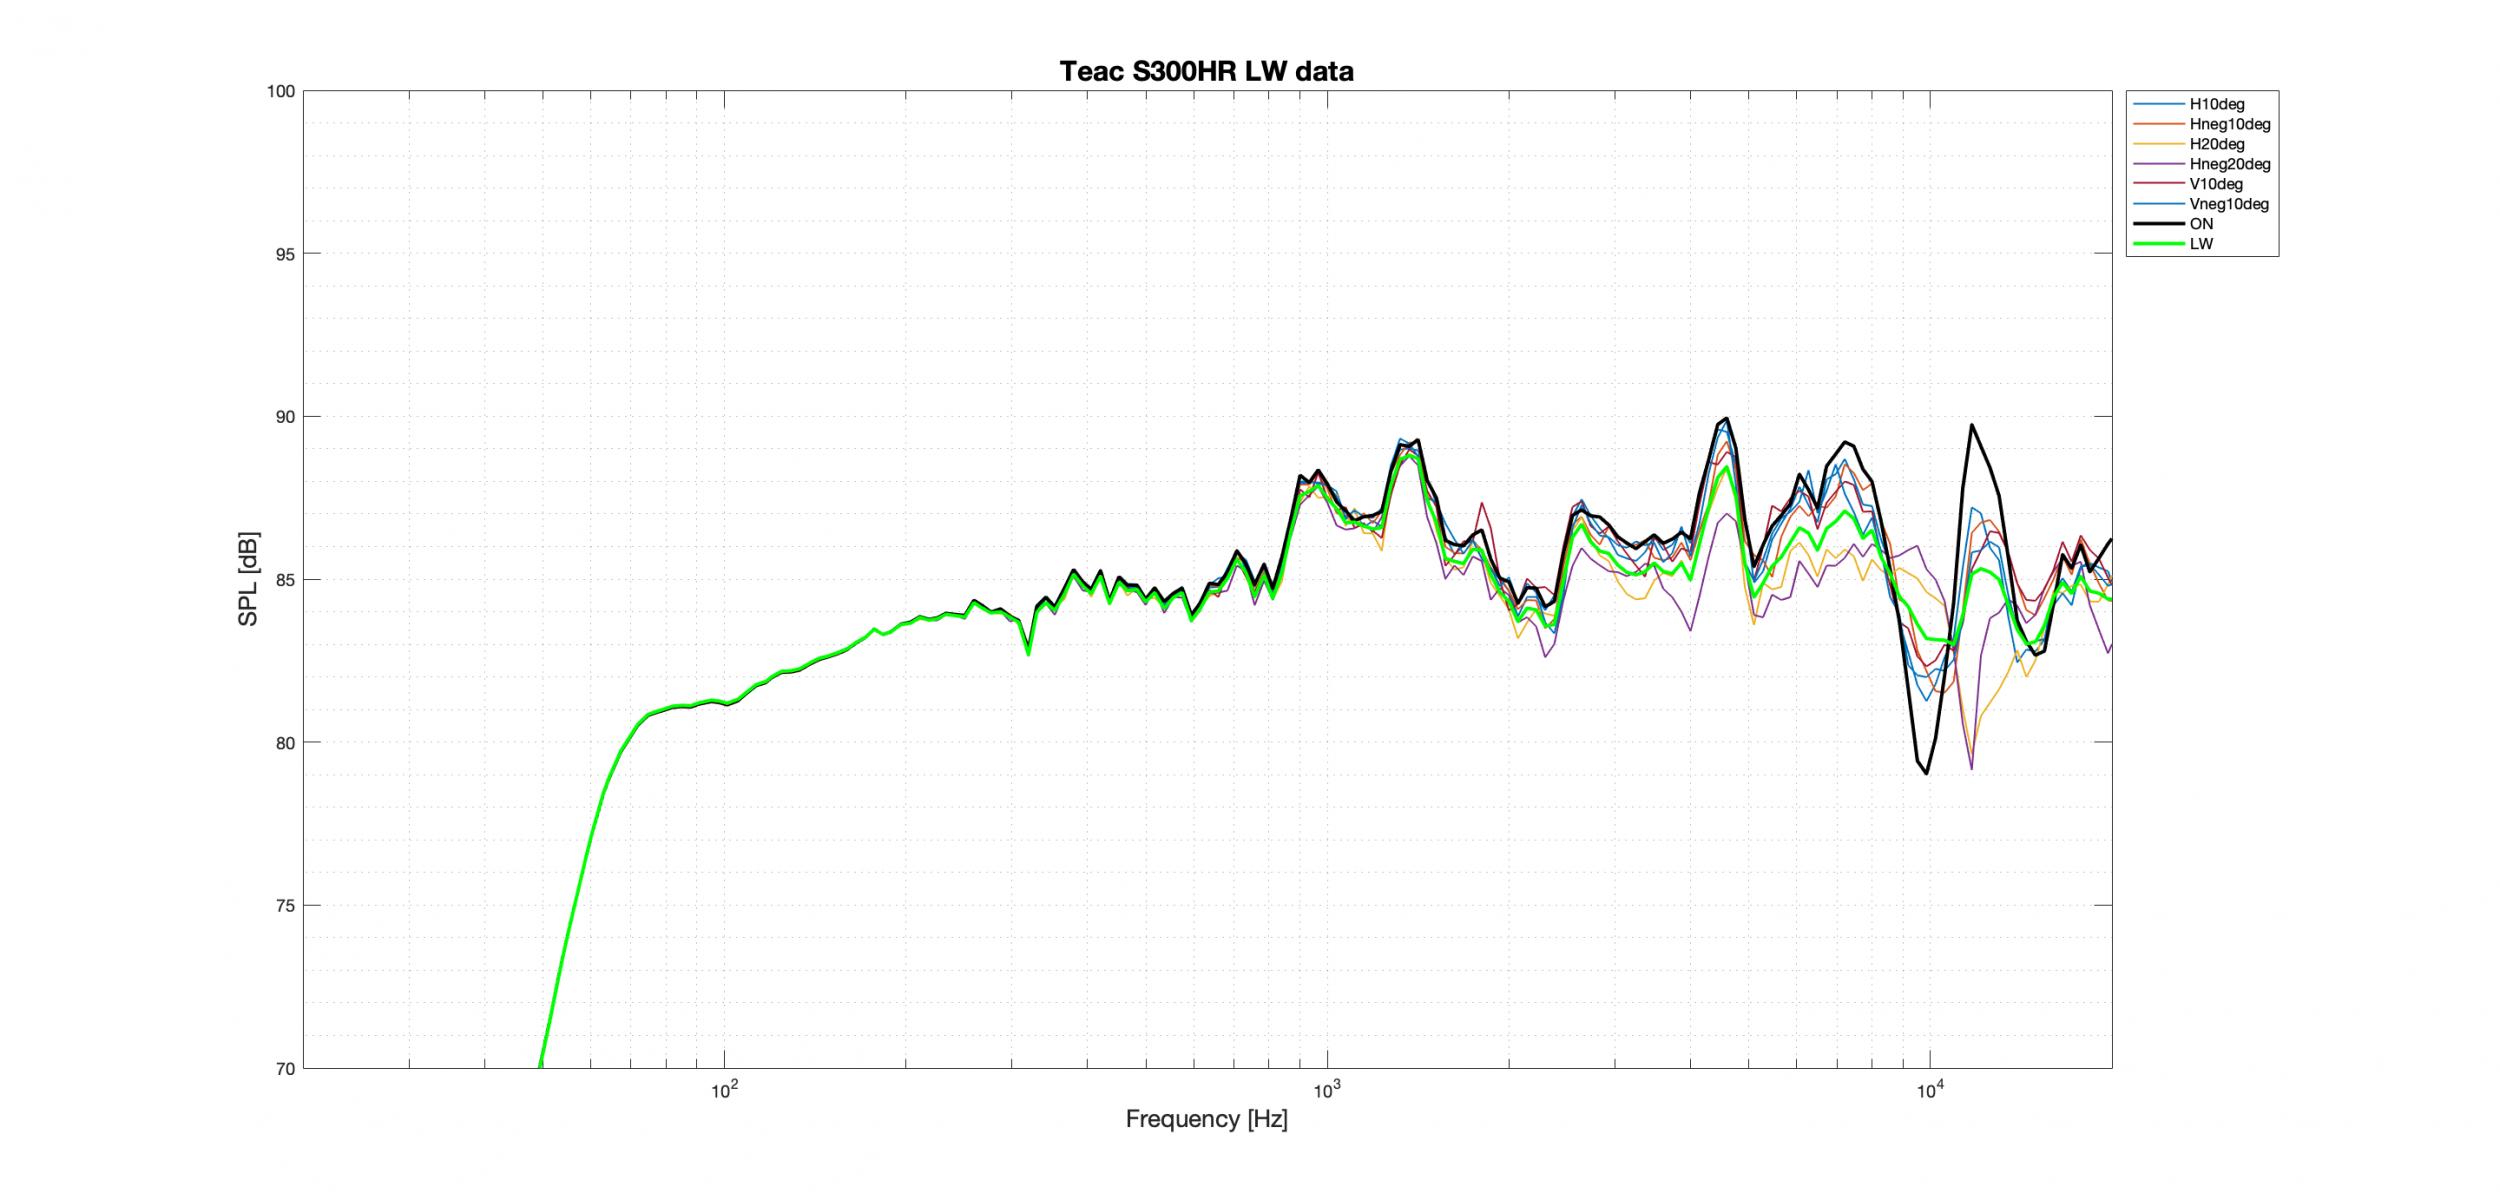 Teac S300HR LW Better data.png